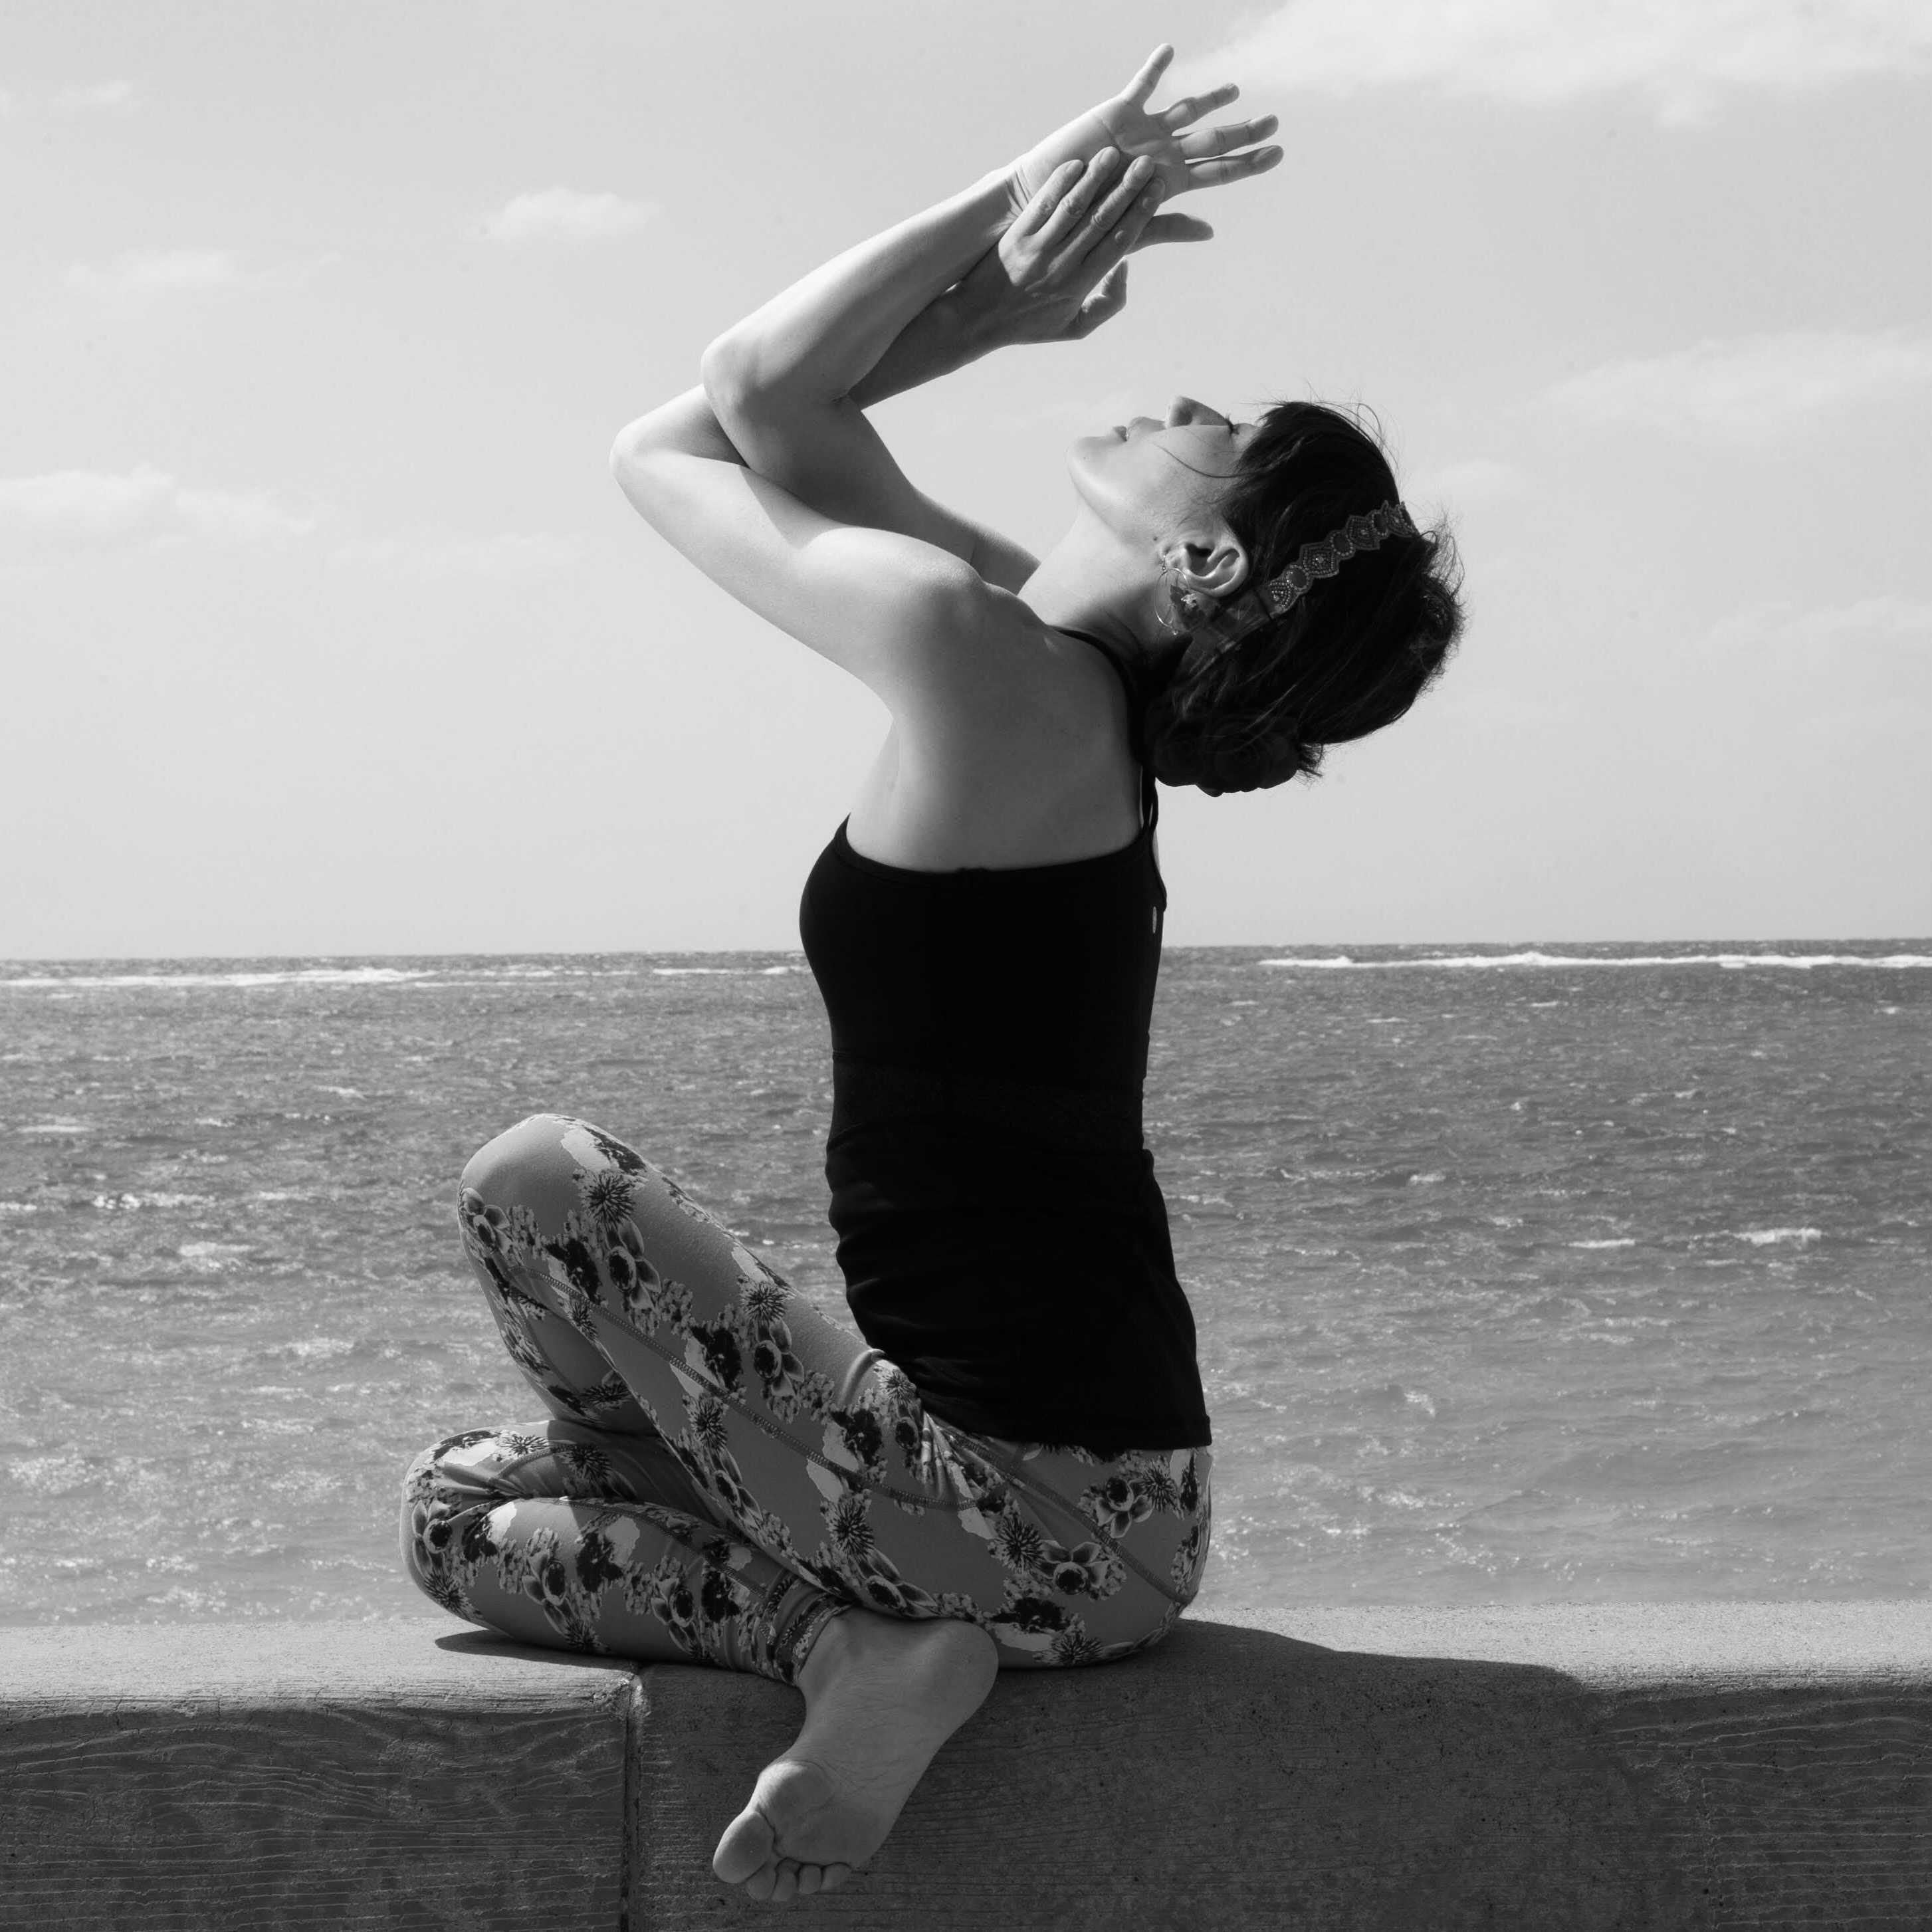 潜在意識を探り疲労を取り除く〜寝たままリラックスNLP瞑想〜